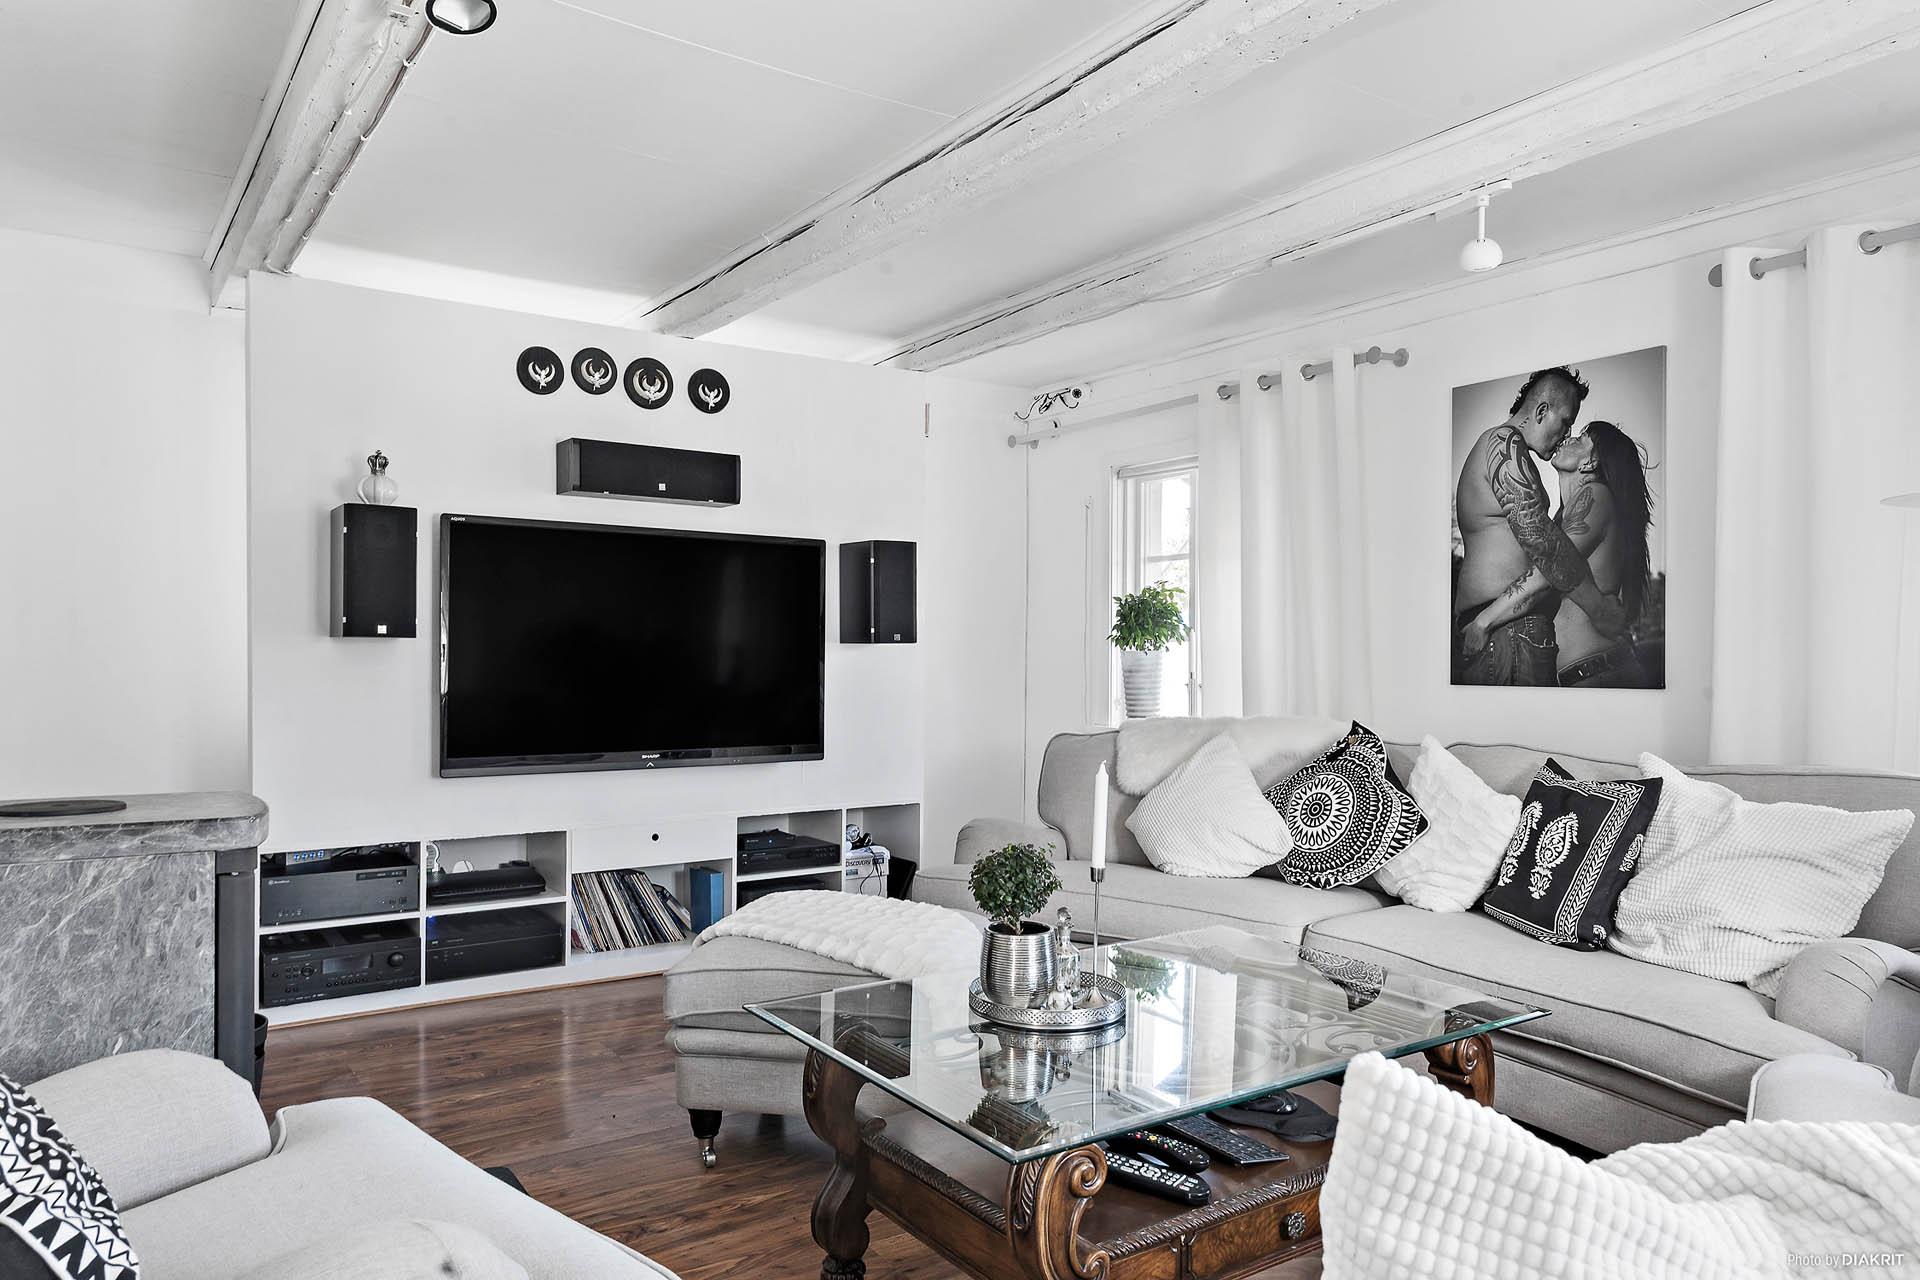 En tv-vägg är uppbyggd för att klara ett välutrustat mediasystem men kan plockas bort.